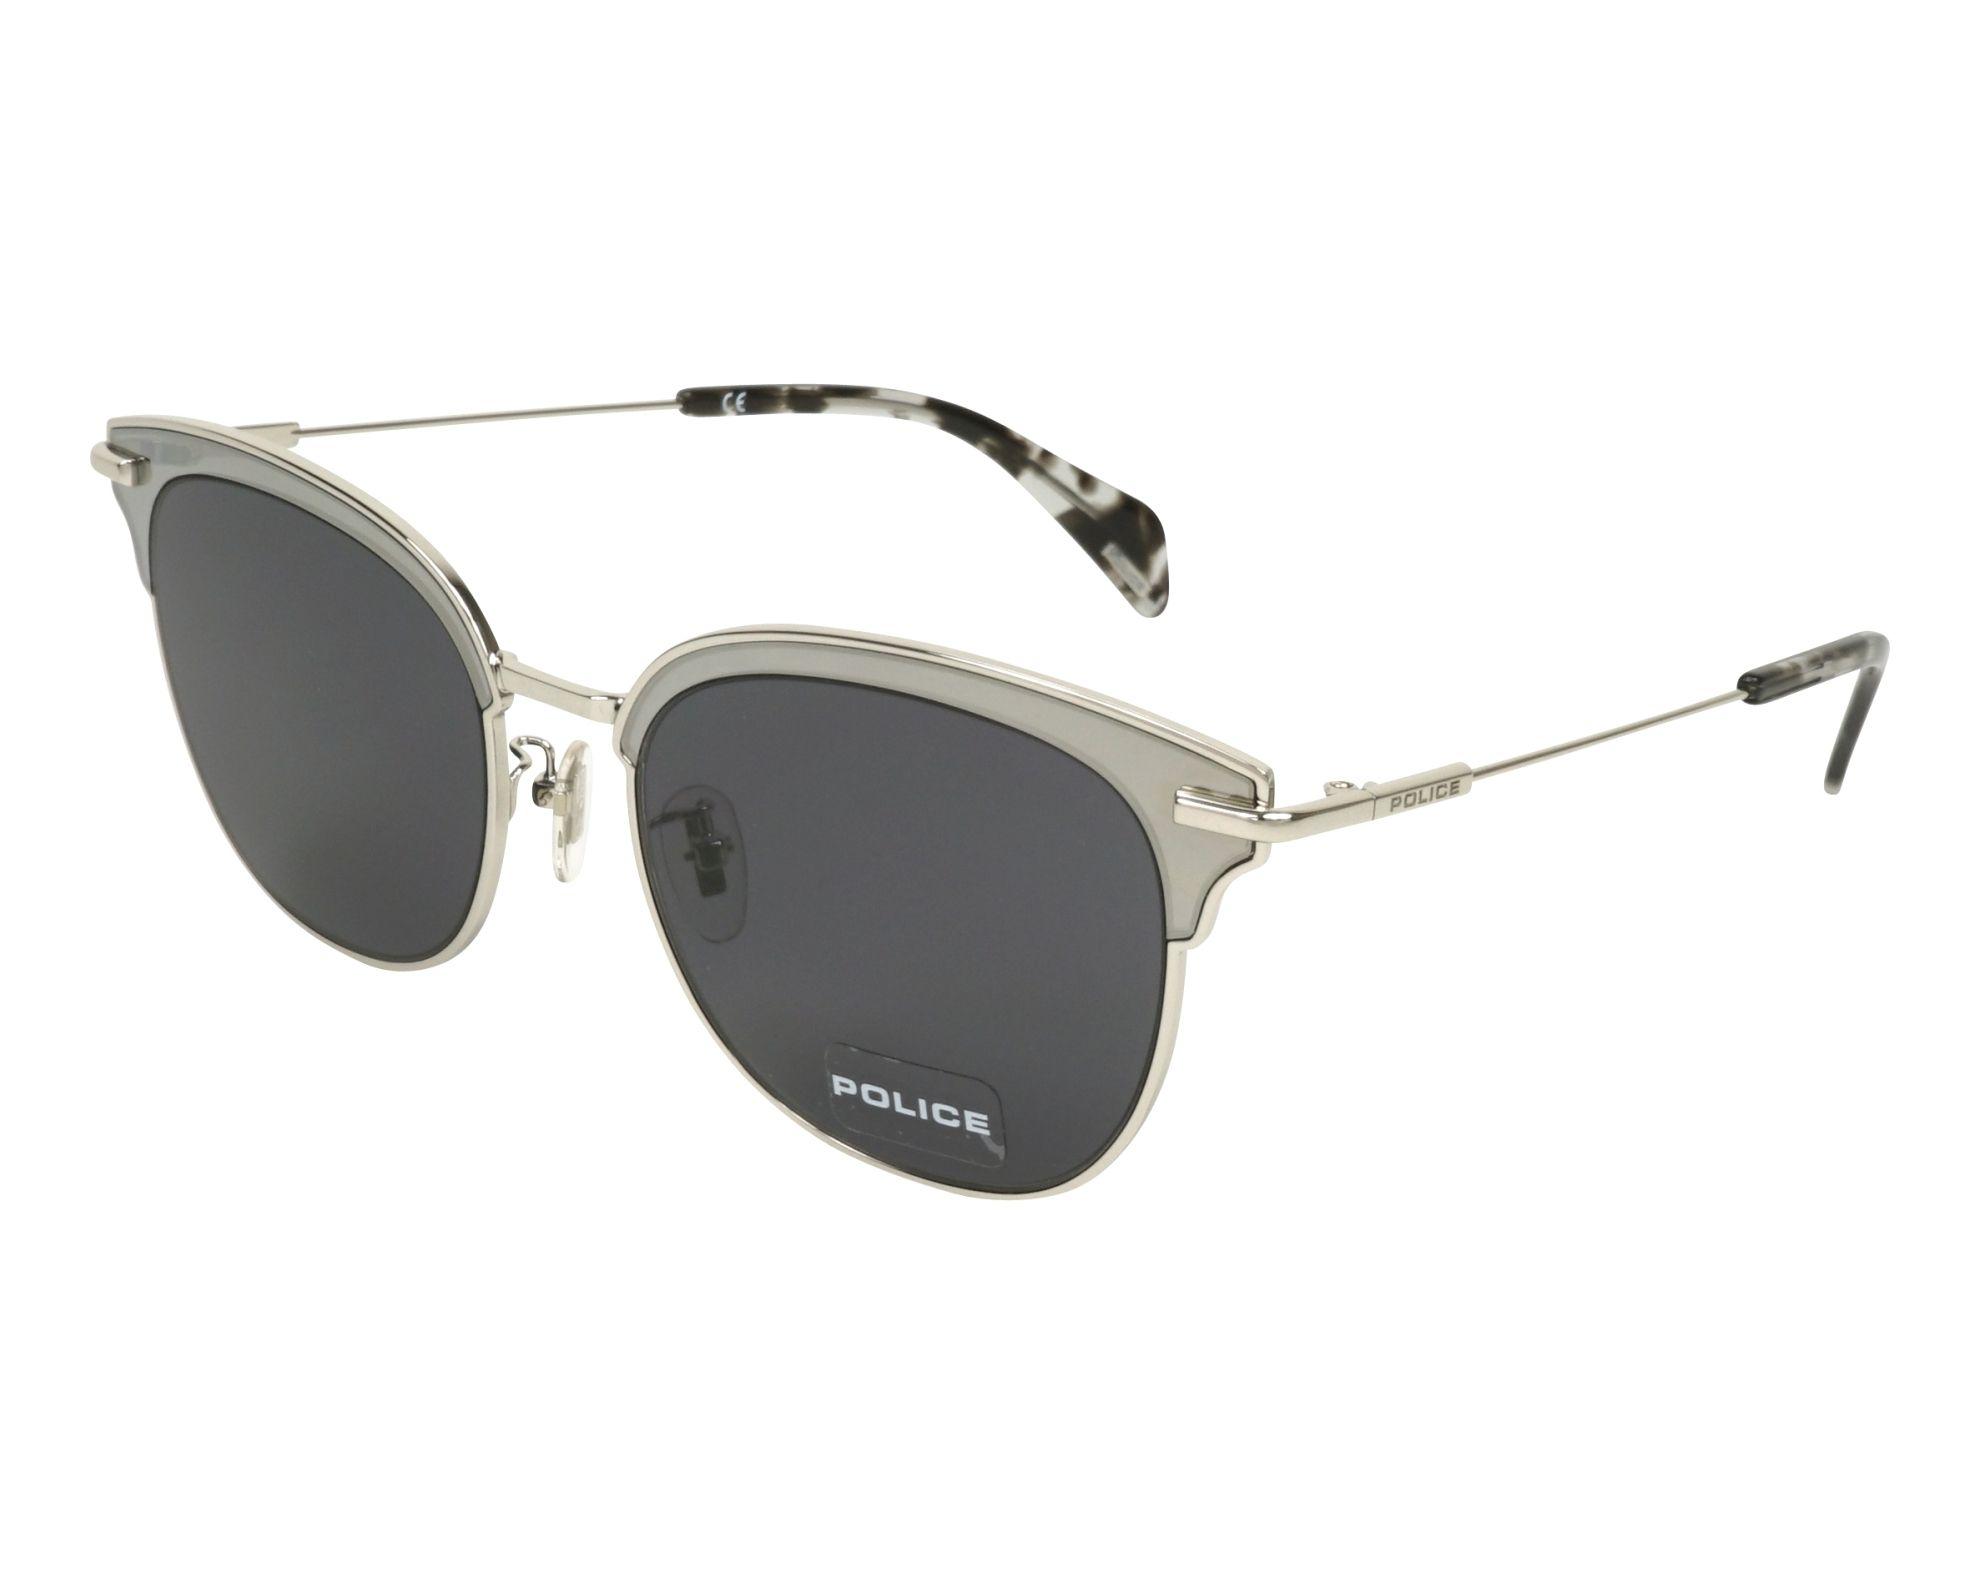 cbc336a5c8 Gafas de sol Police SPL-622 0579 53-19 Plata vista de perfil